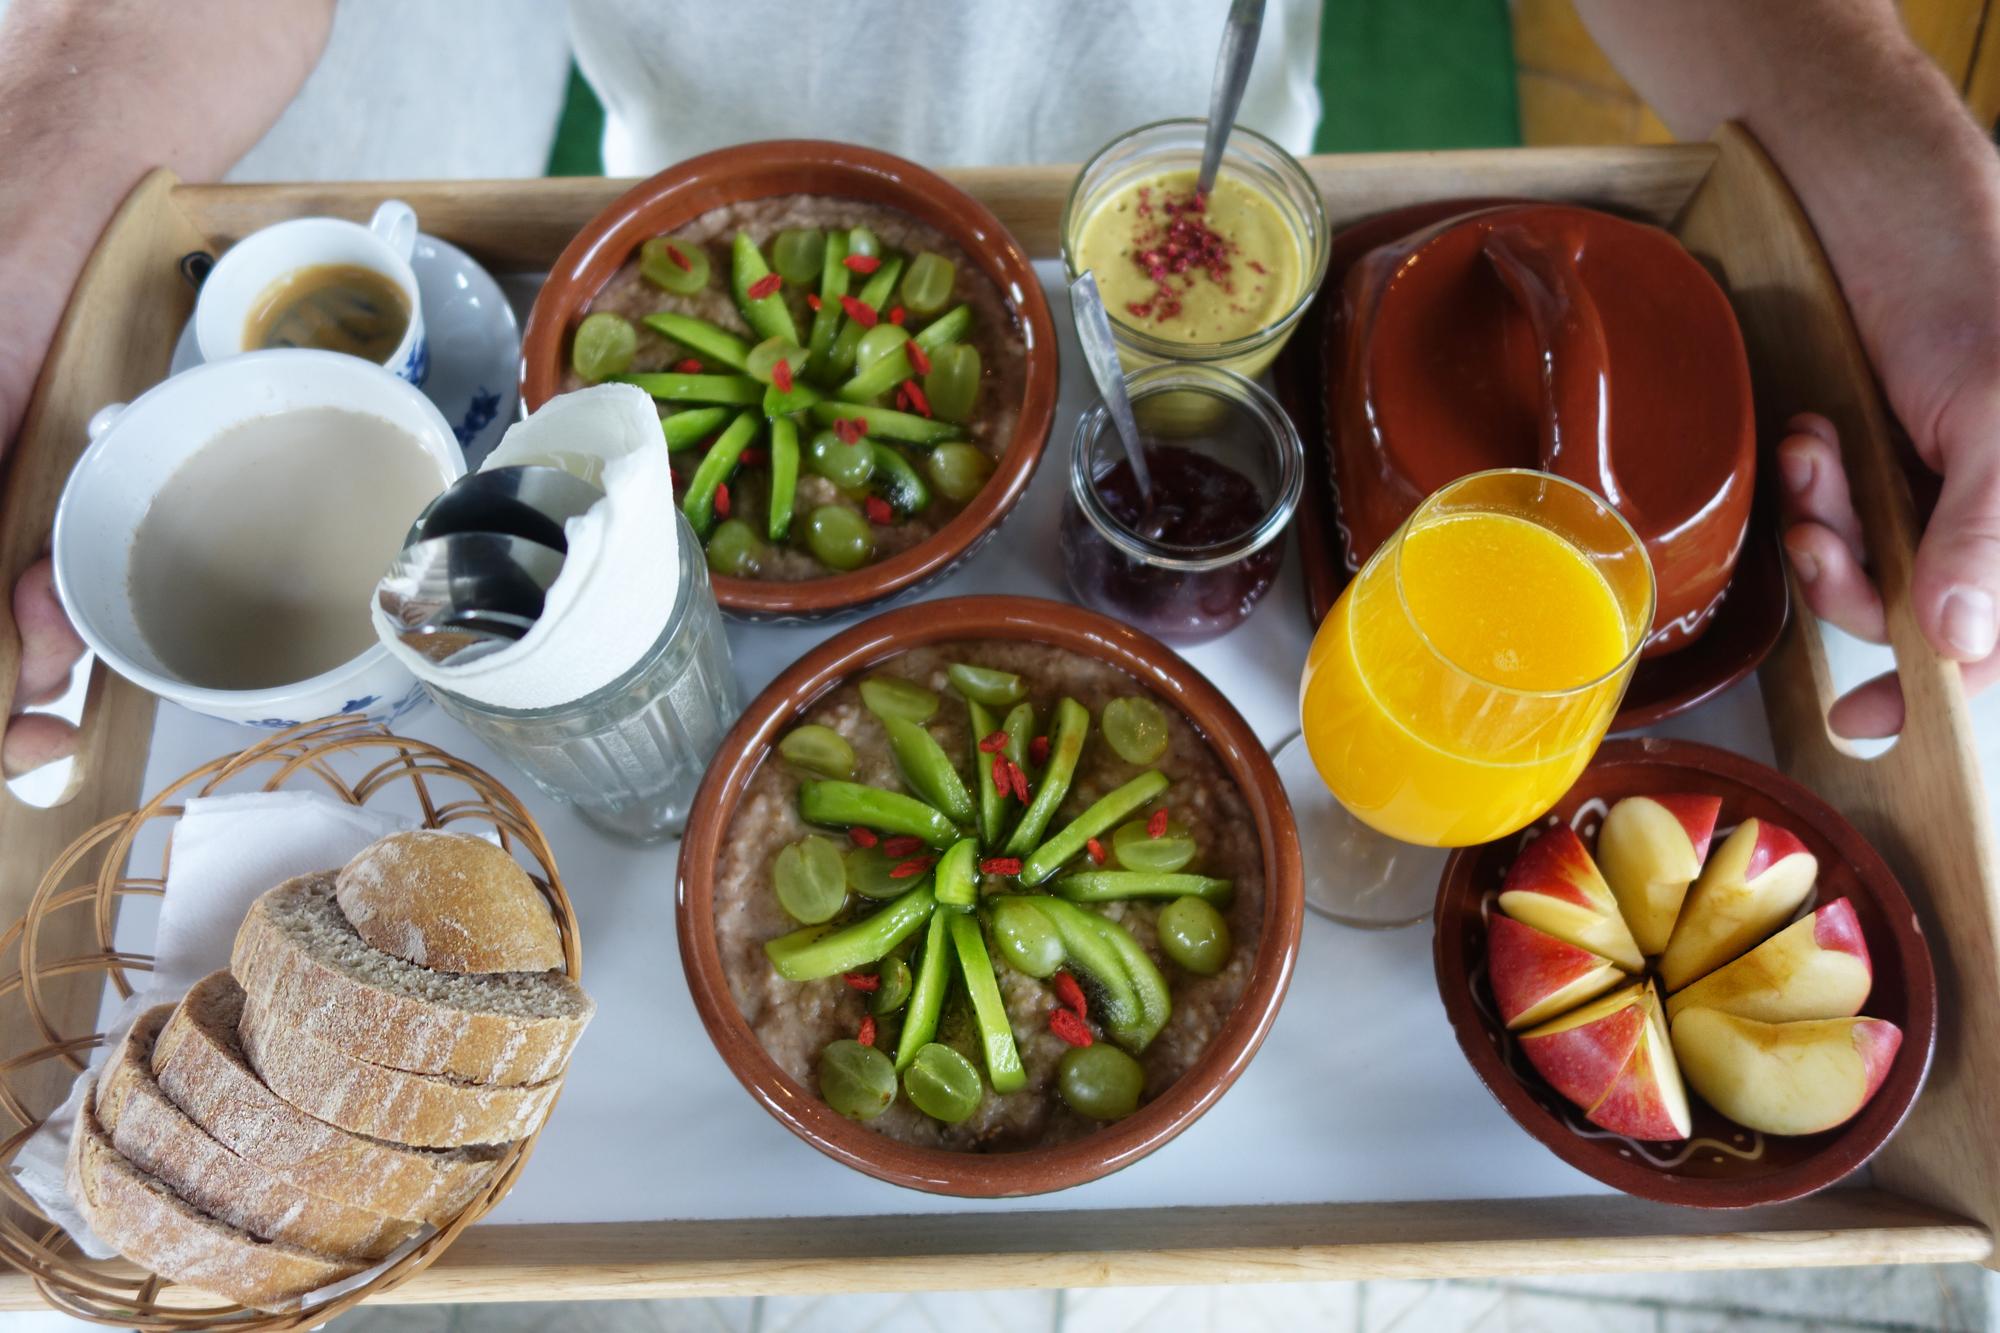 Koliba raňajky